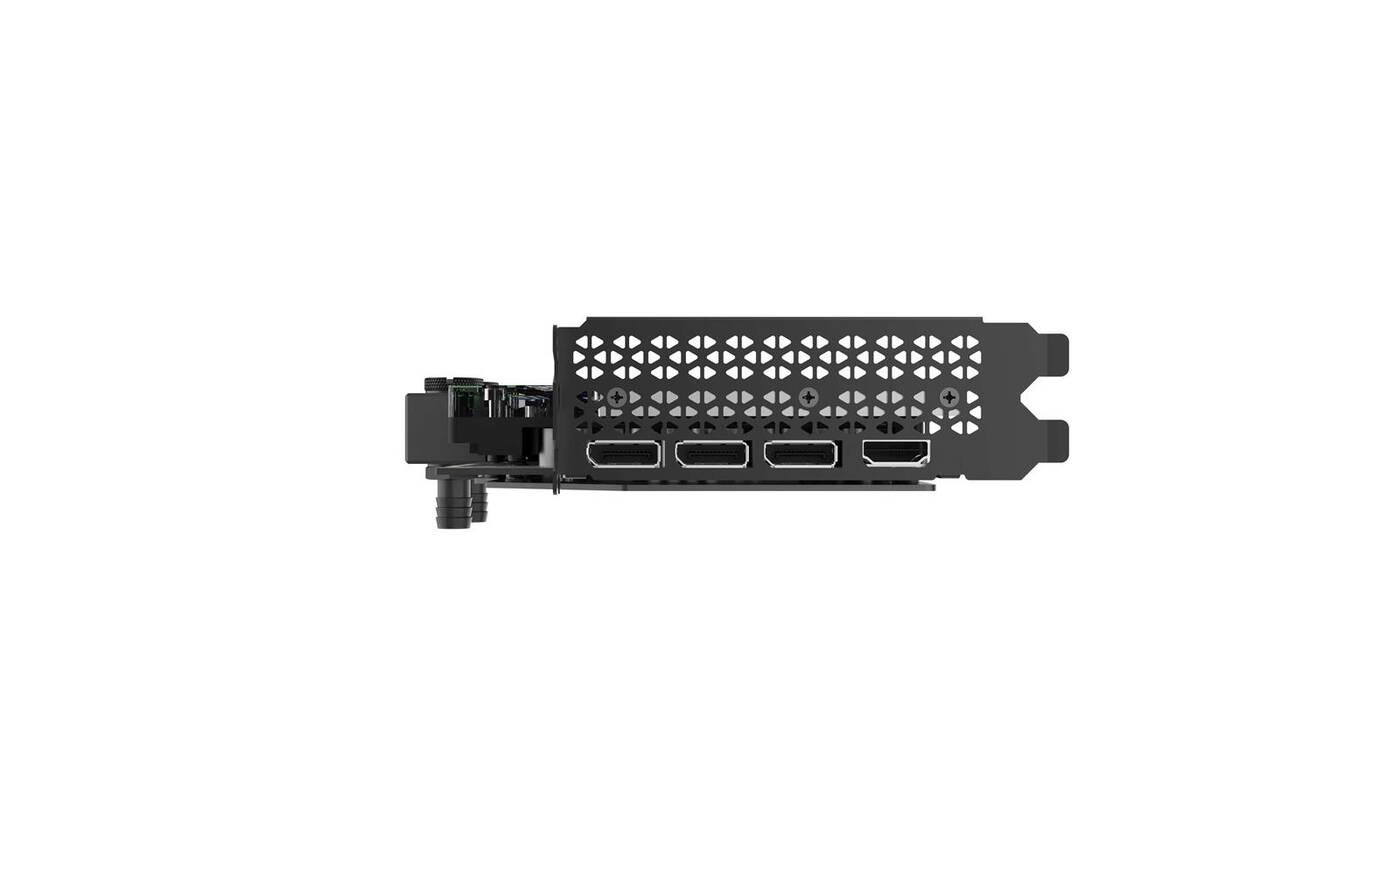 ZOTAC GeForce RTX 3090 ArcticStorm dołącza do flagowych modeli HEDT